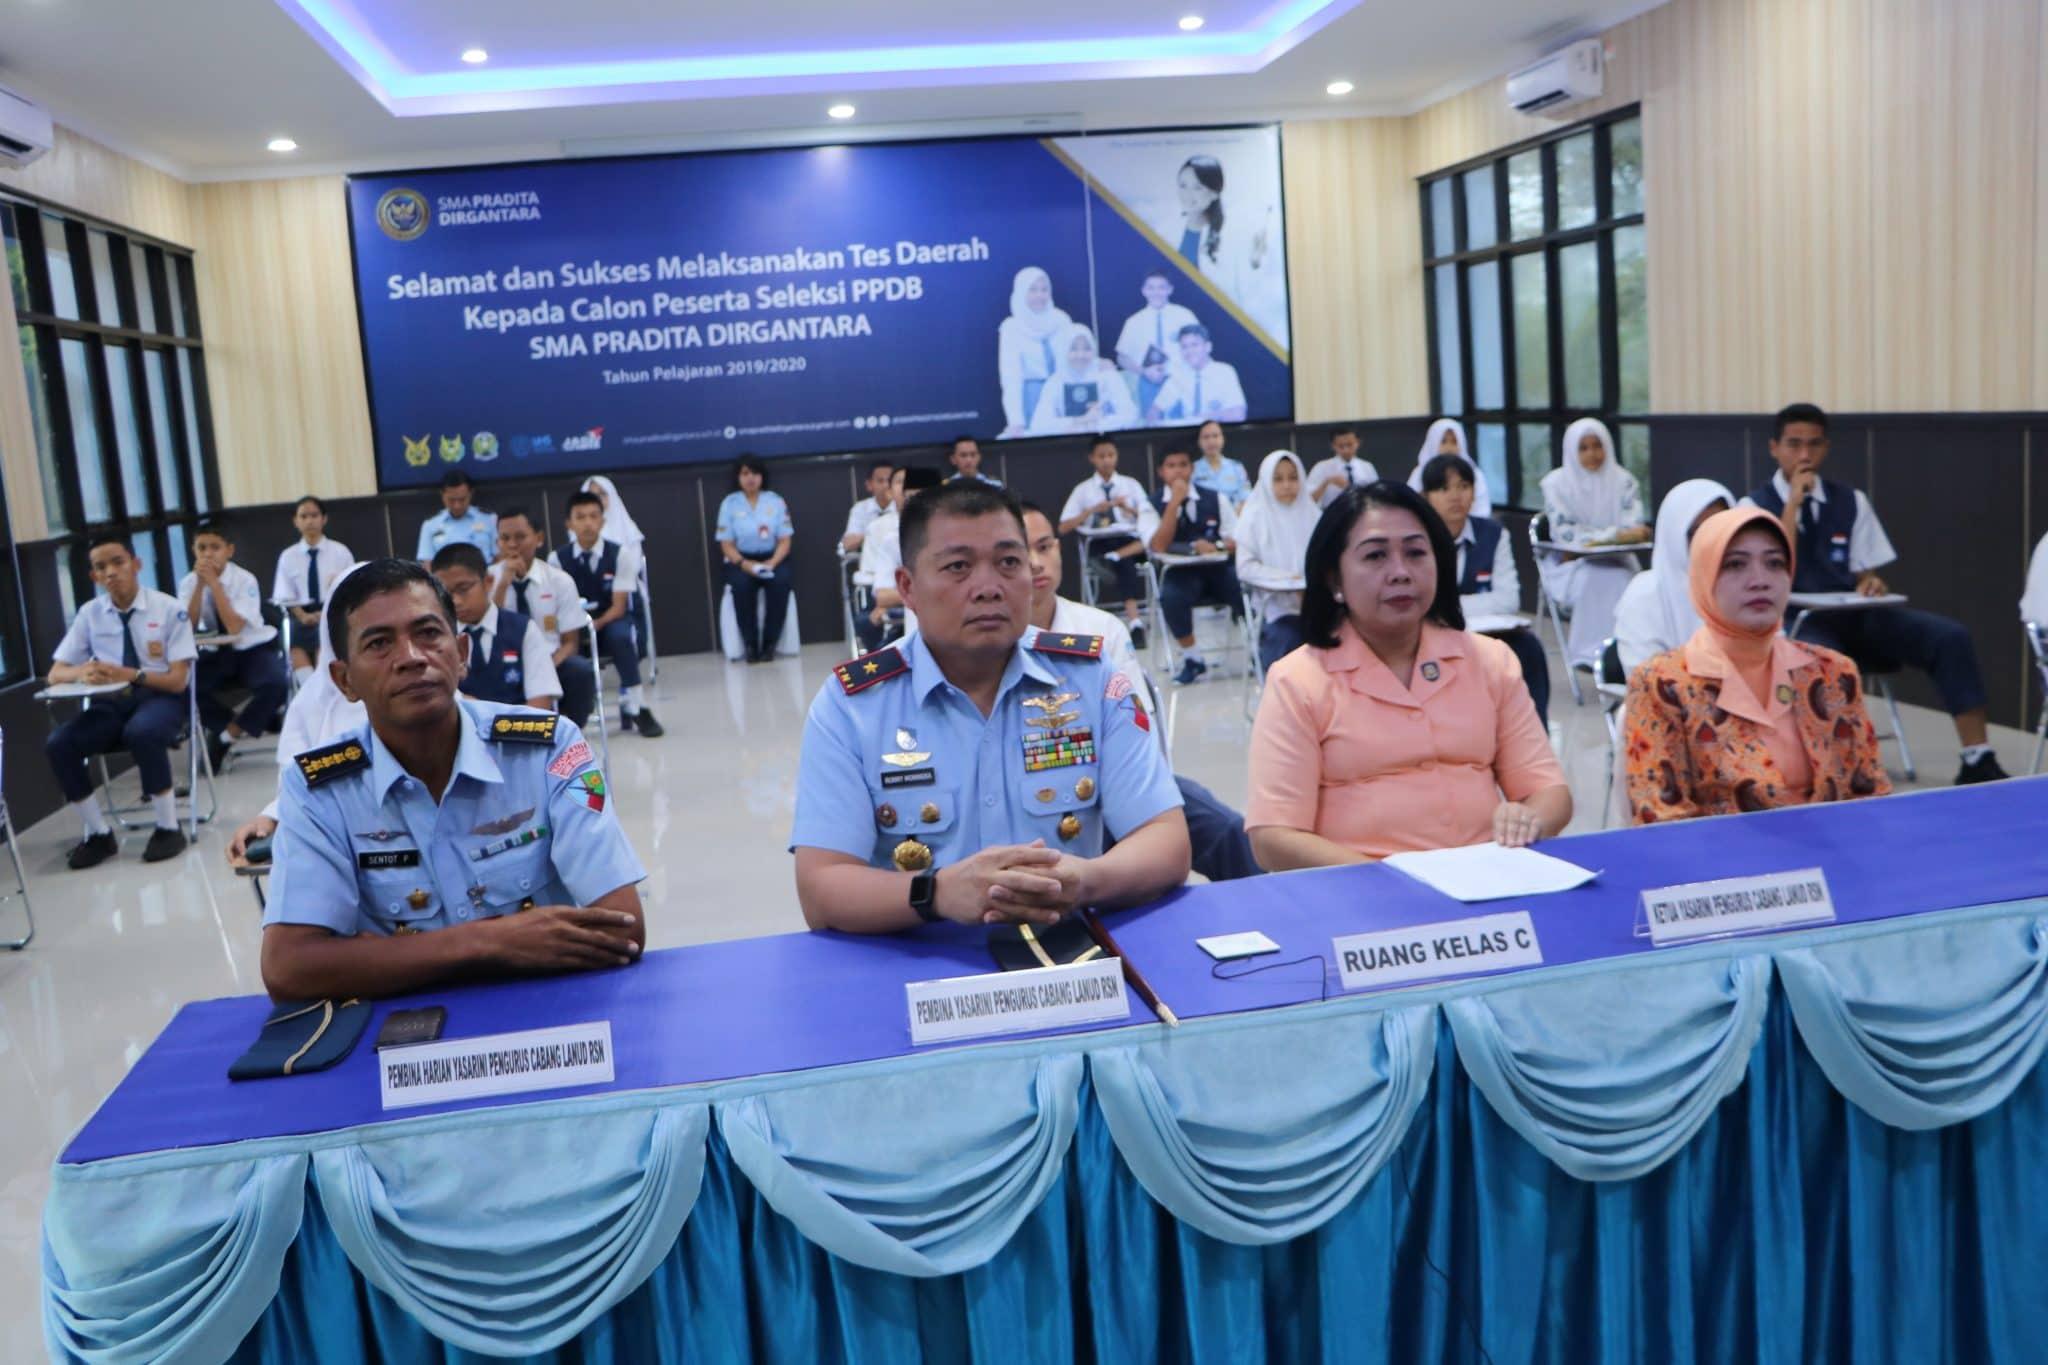 65 Calon Siswa-Siswi Ikuti Tes Seleksi Daerah PPDB SMA Pradita di Lanud Rsn